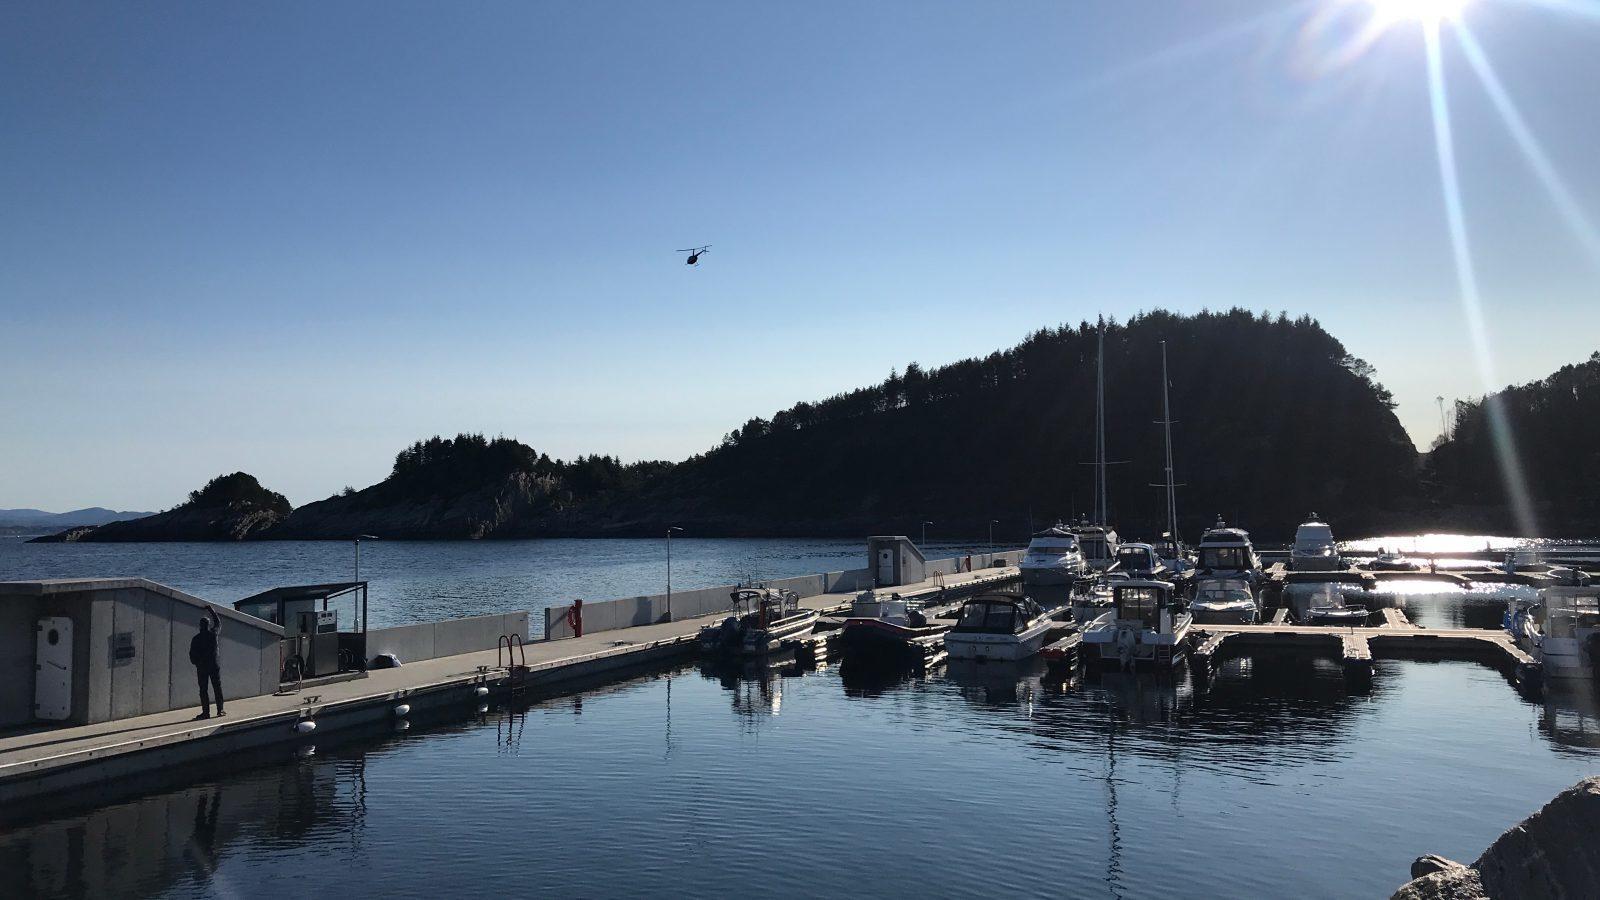 https://www.marinasolutions.no/uploads/Flytemolo_rennebrygger_landgang-Hjeltefjorden-Båtlag-og-Gjestehavn-110.jpg